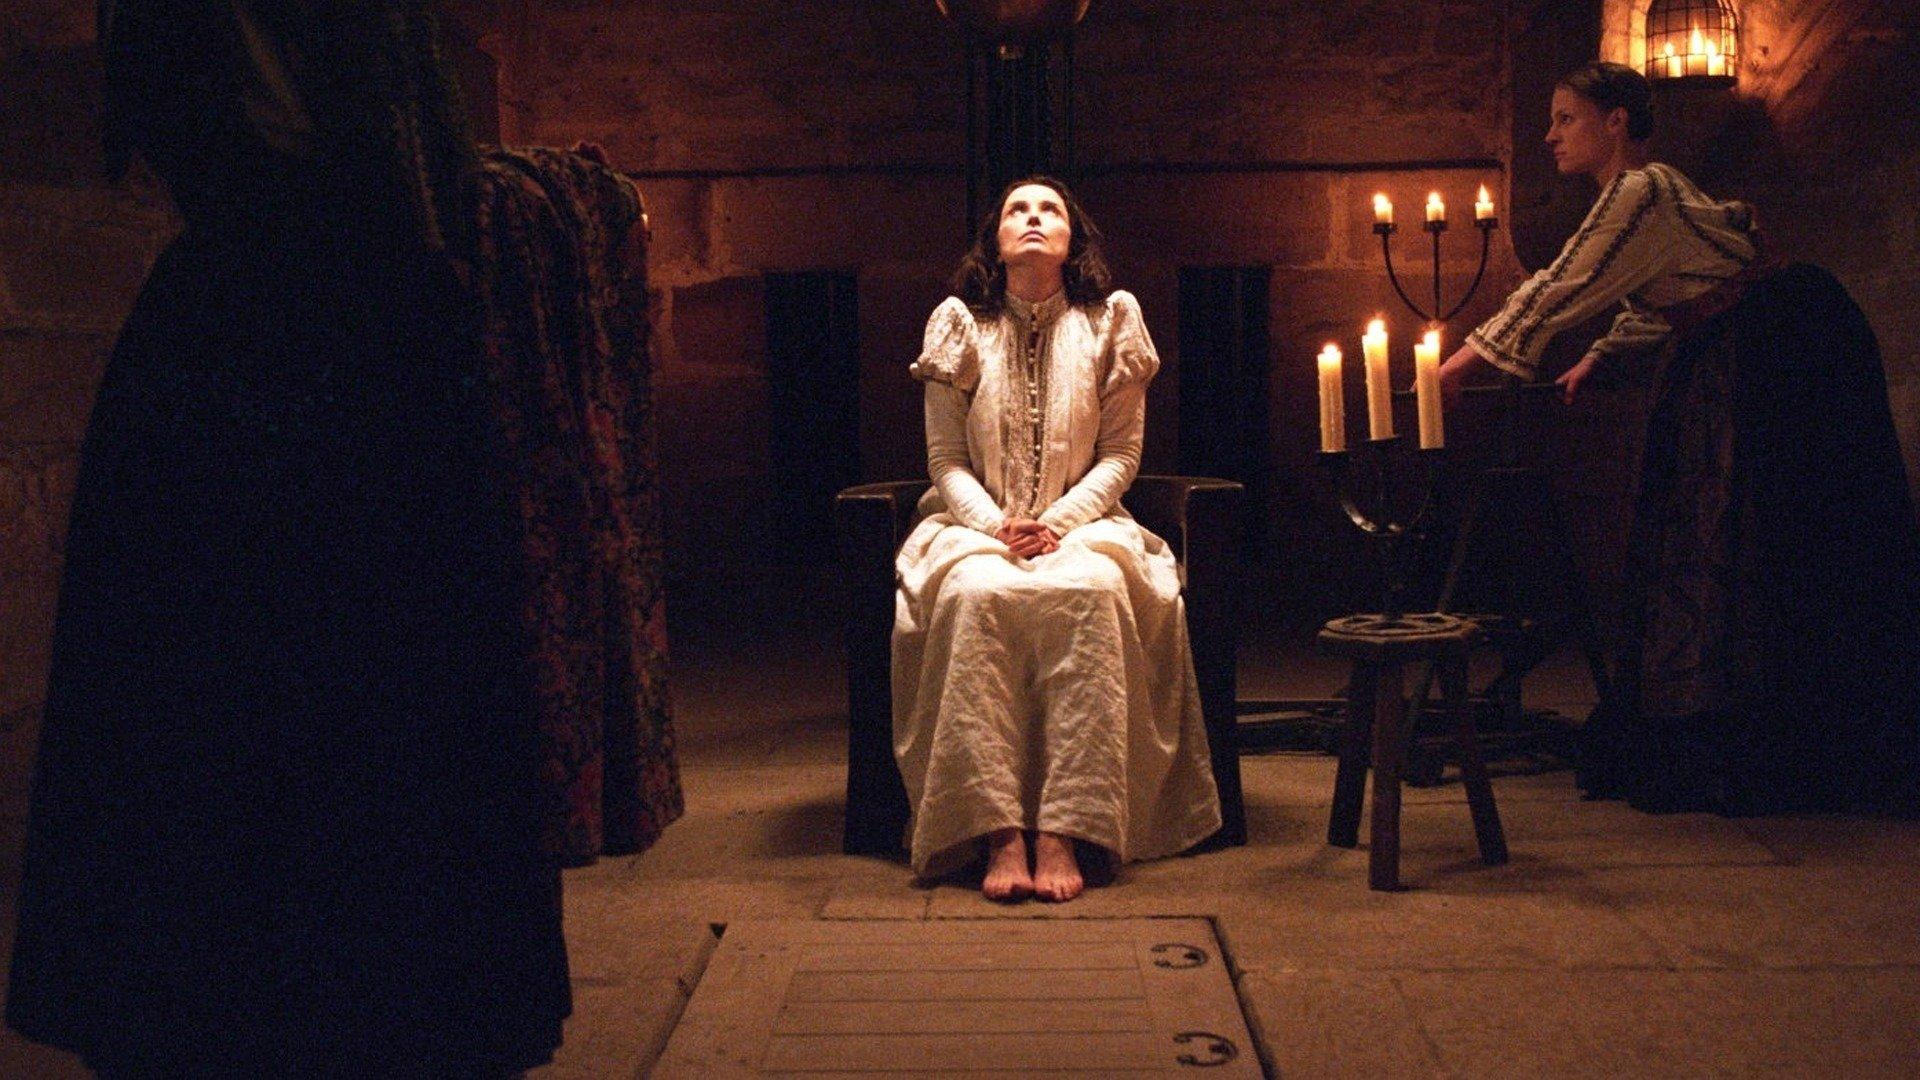 كيف تعلمت الكونتيسة إليزابيث باثوري أساليب التعذيب